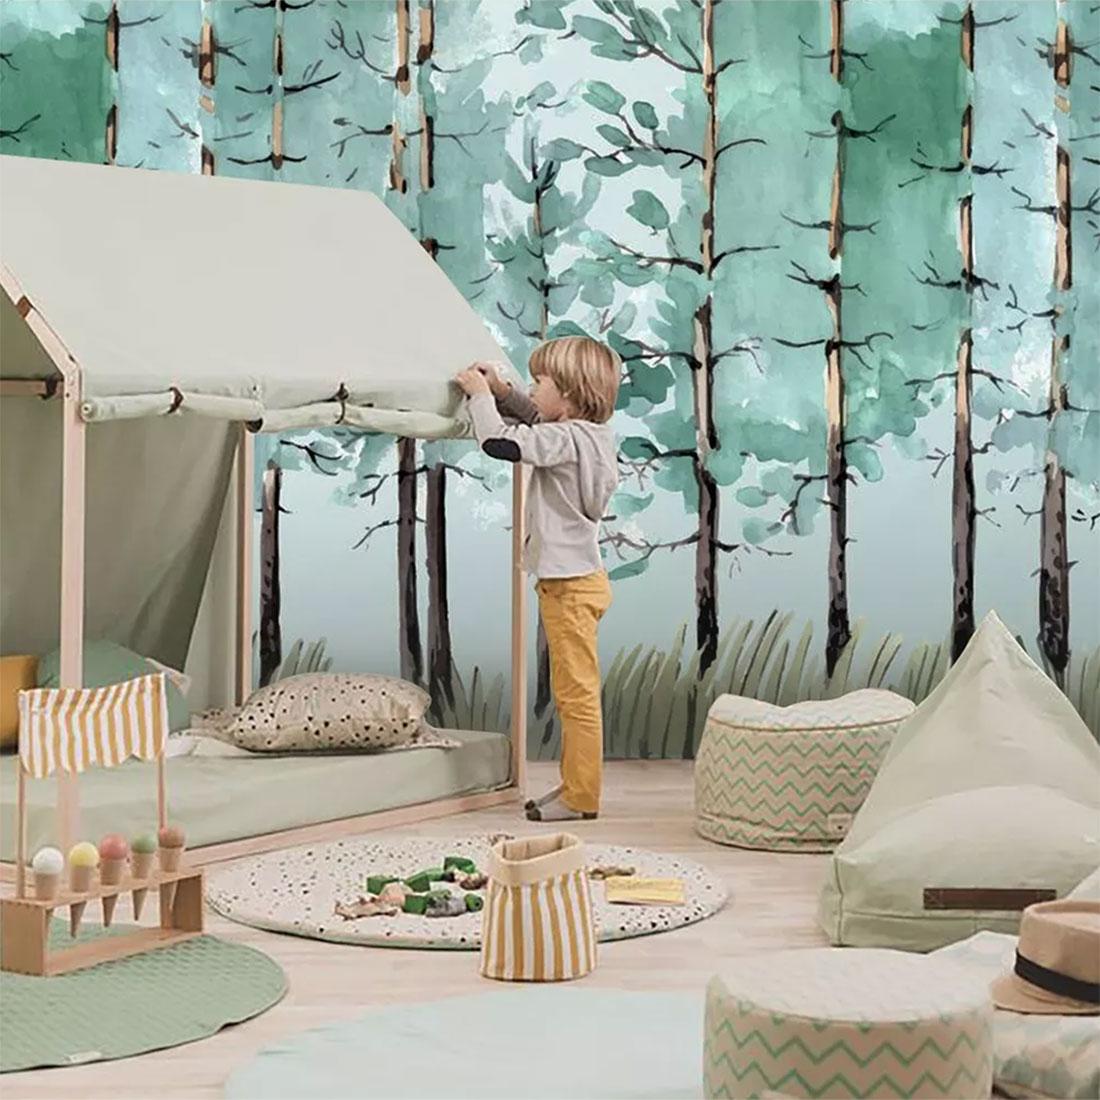 男孩在儿童丛林房间搭建帐篷